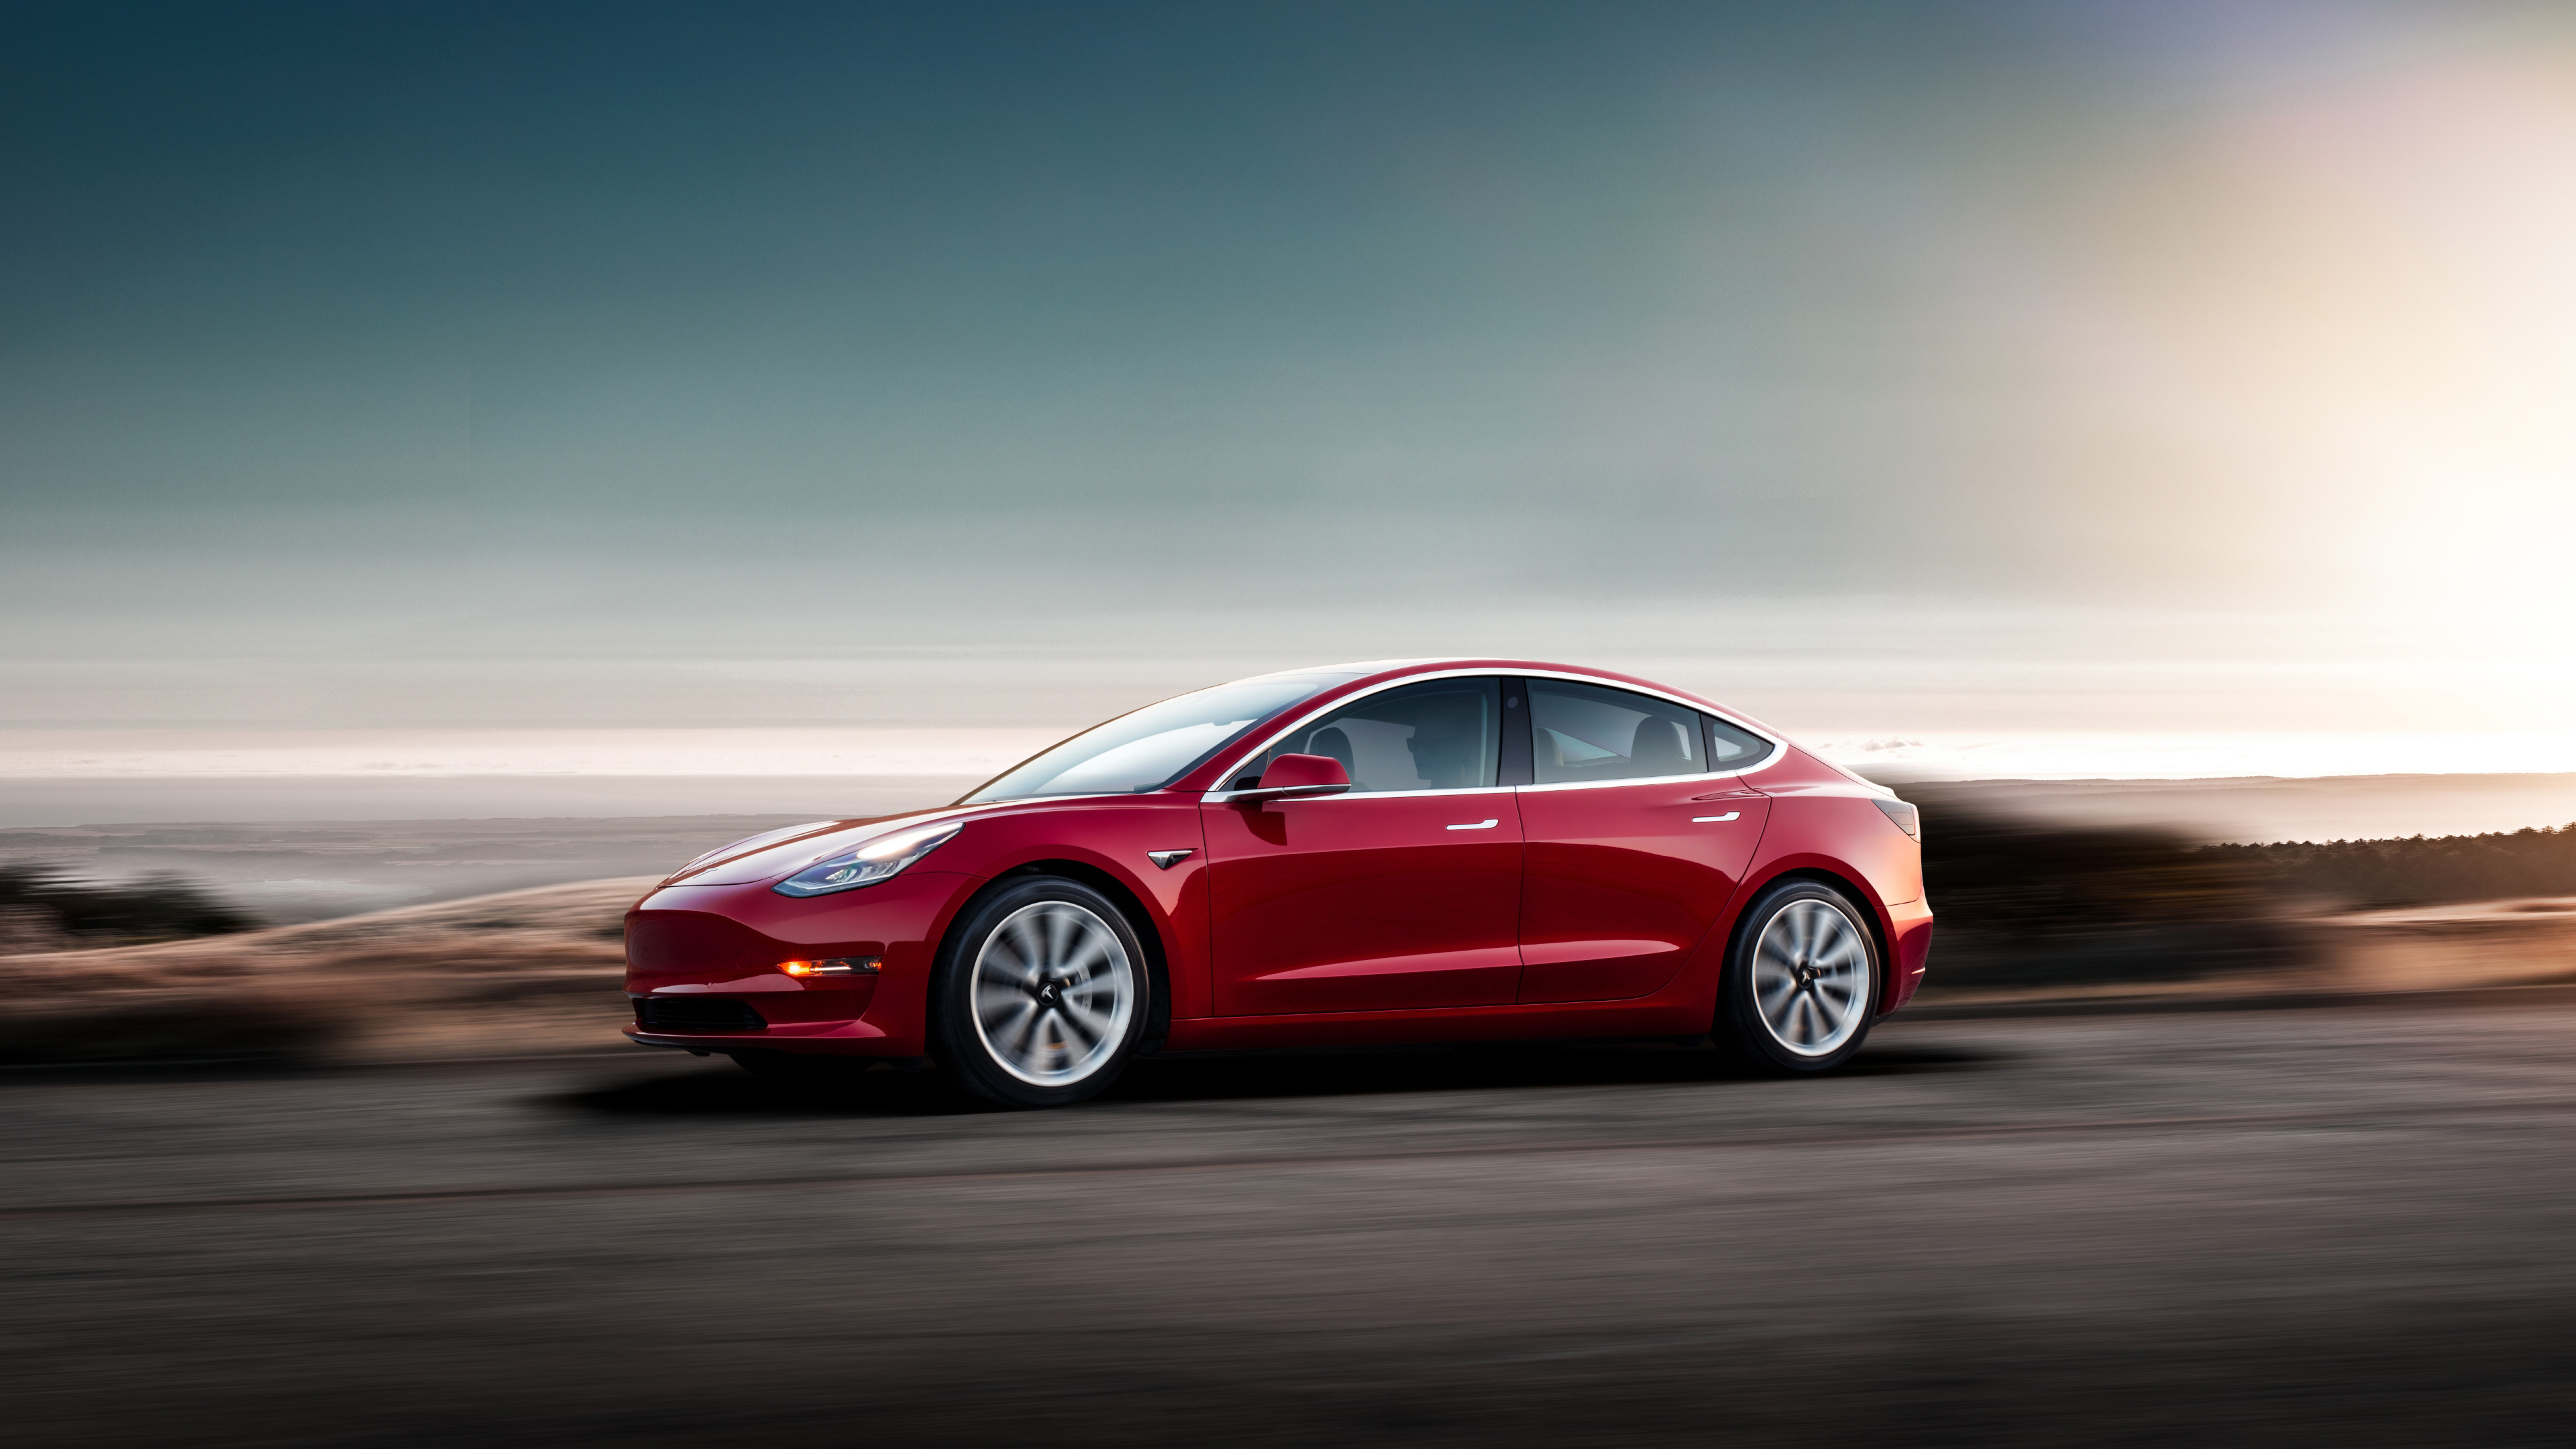 1125x2436 2018 Tesla Model 3 Iphone Xs Iphone 10 Iphone X Hd